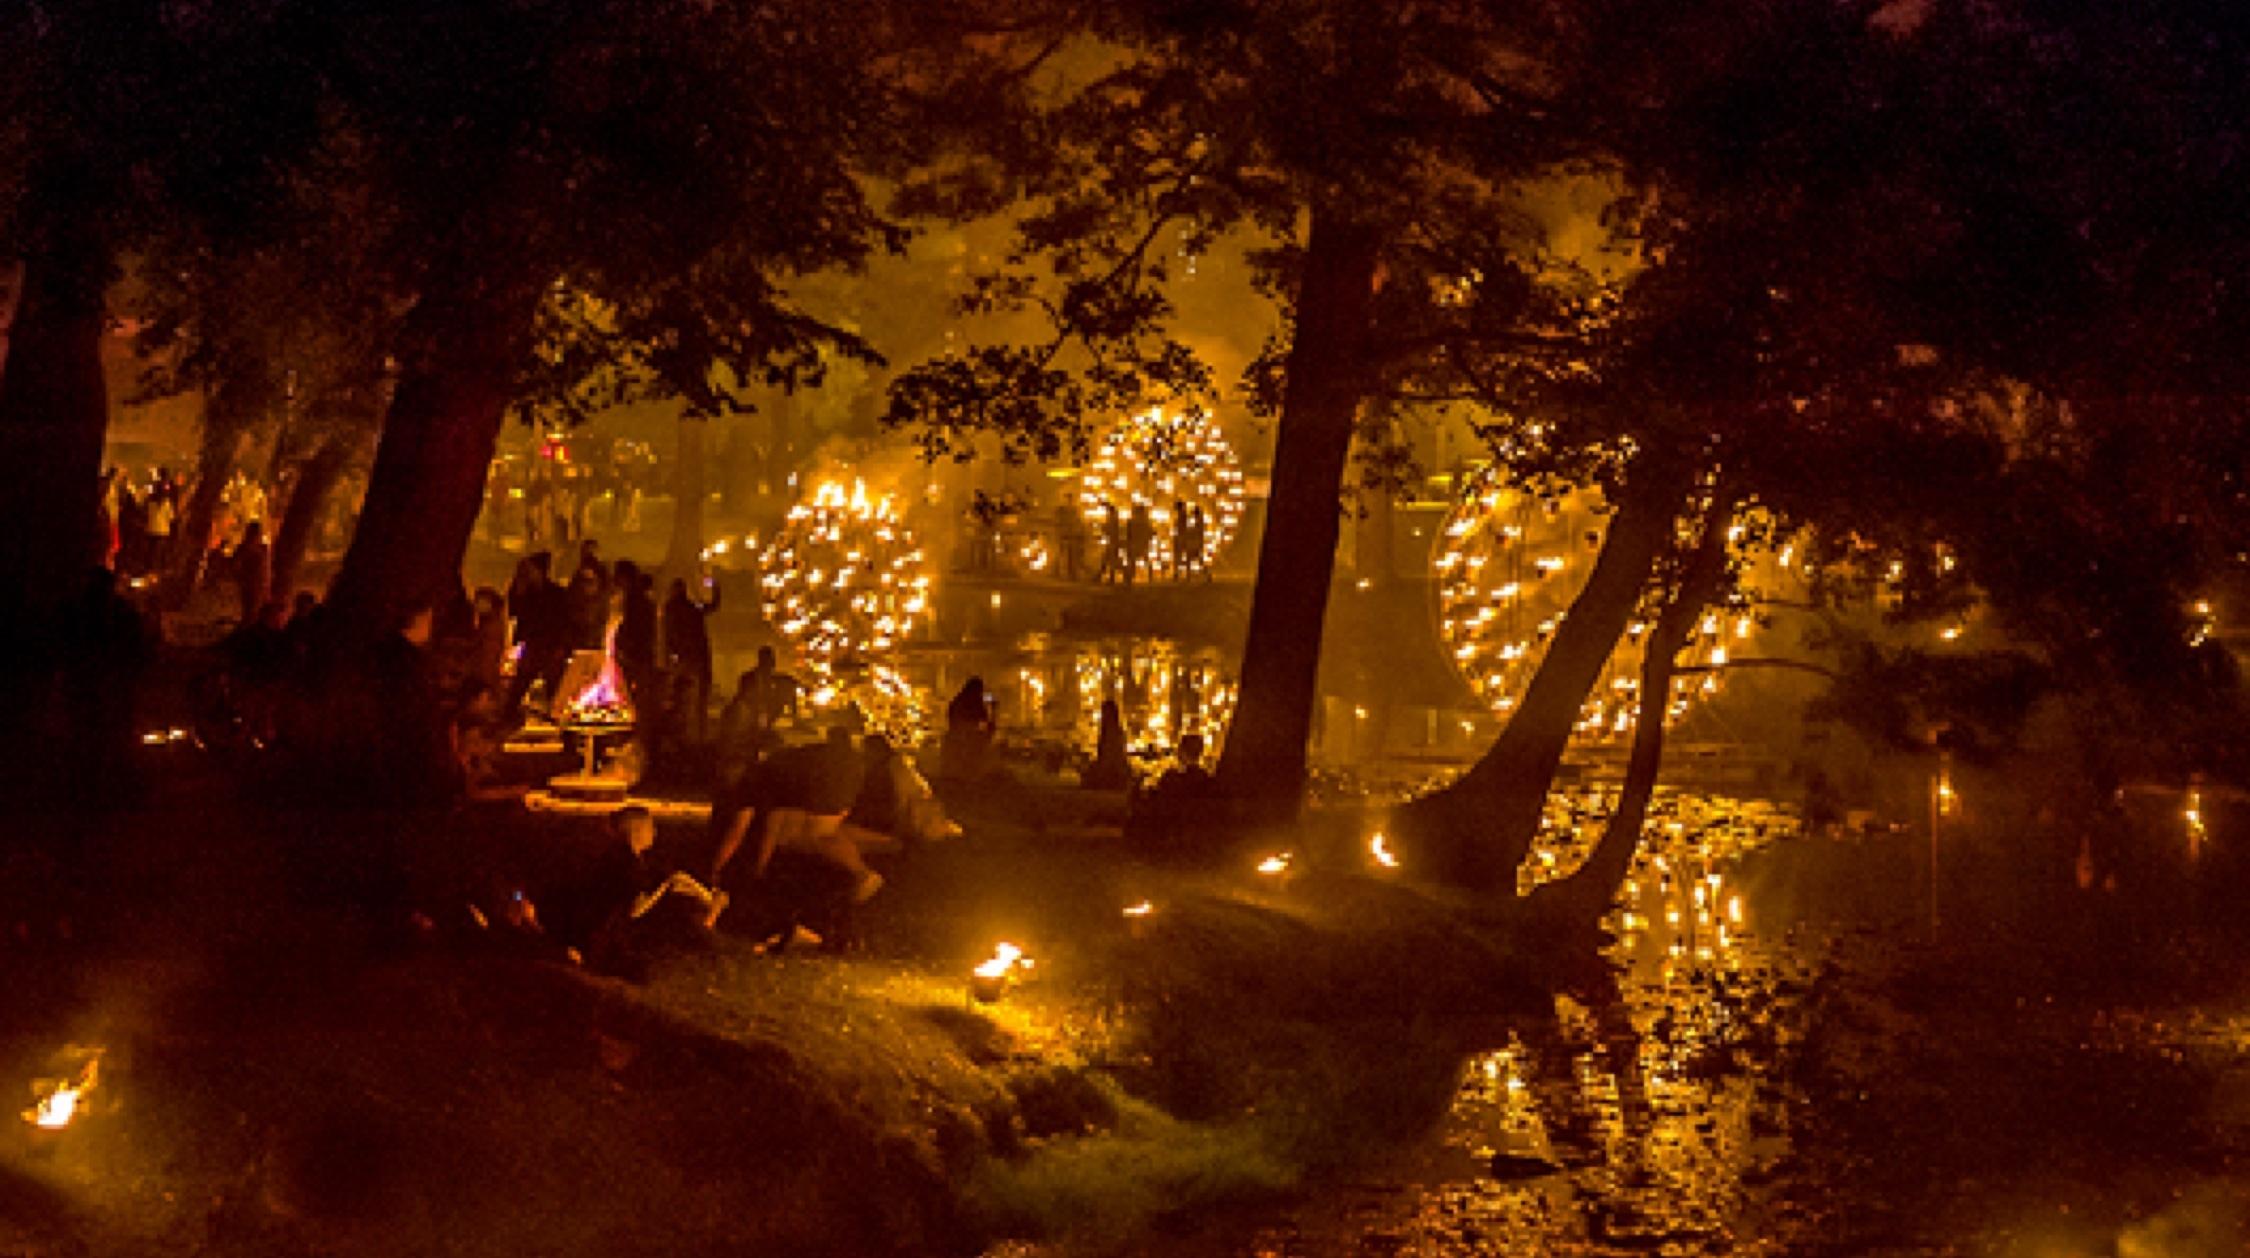 Fire Gardens